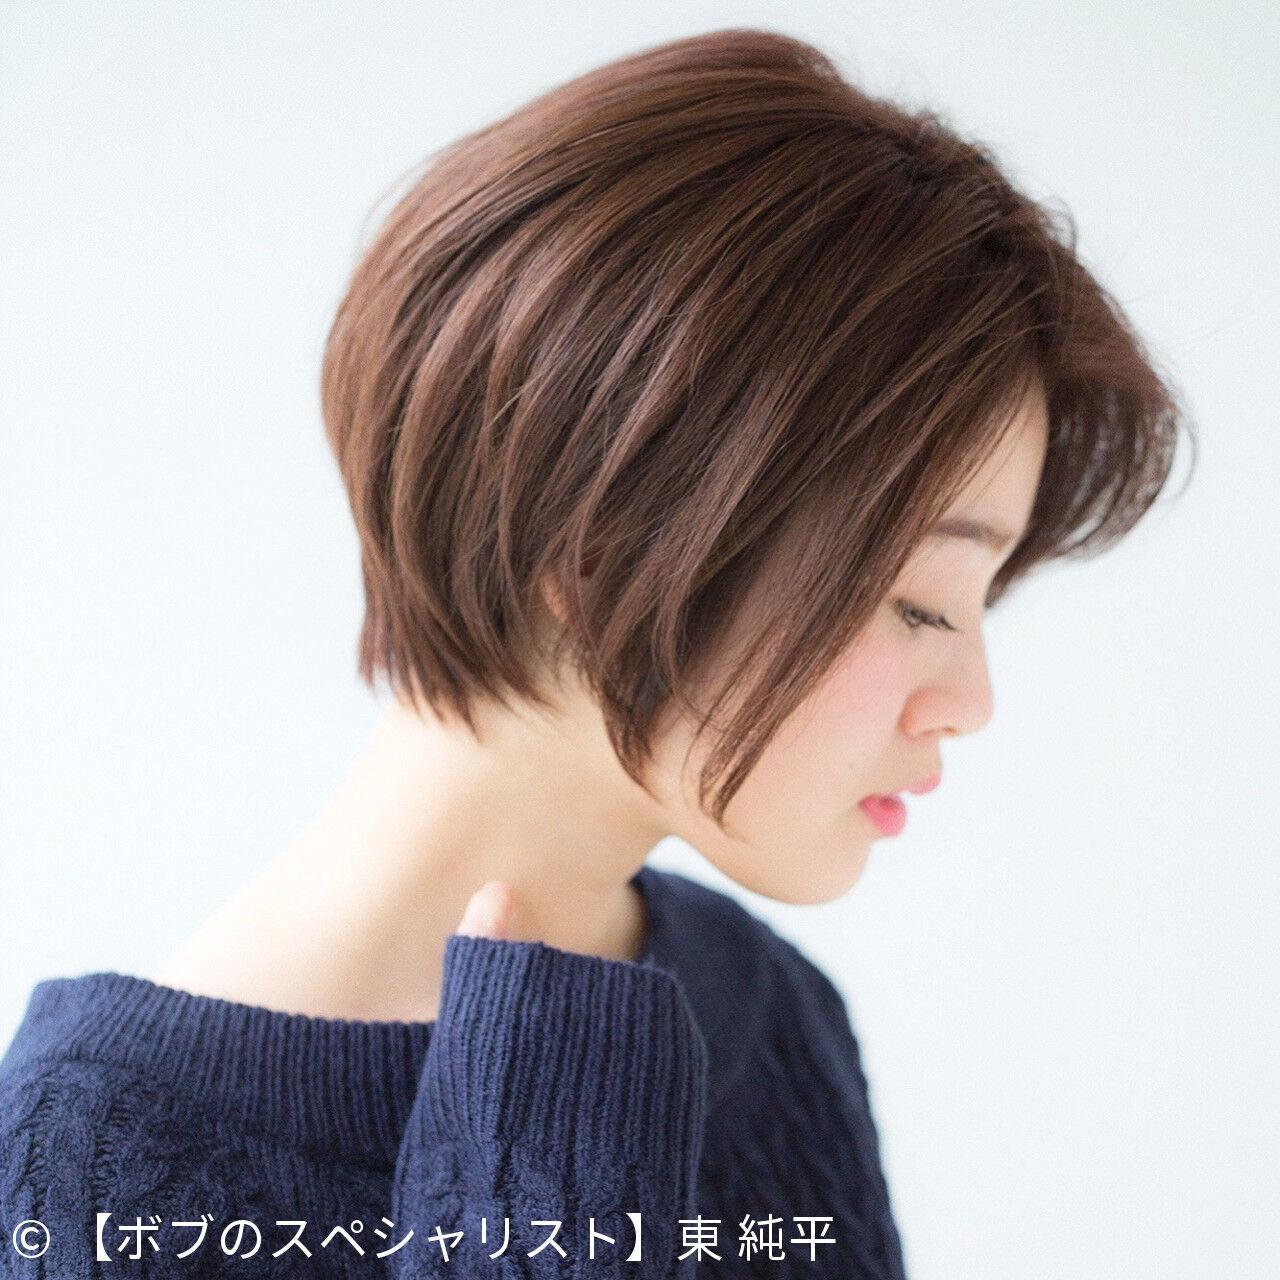 色気 ショート ボブ 簡単ヘアアレンジヘアスタイルや髪型の写真・画像